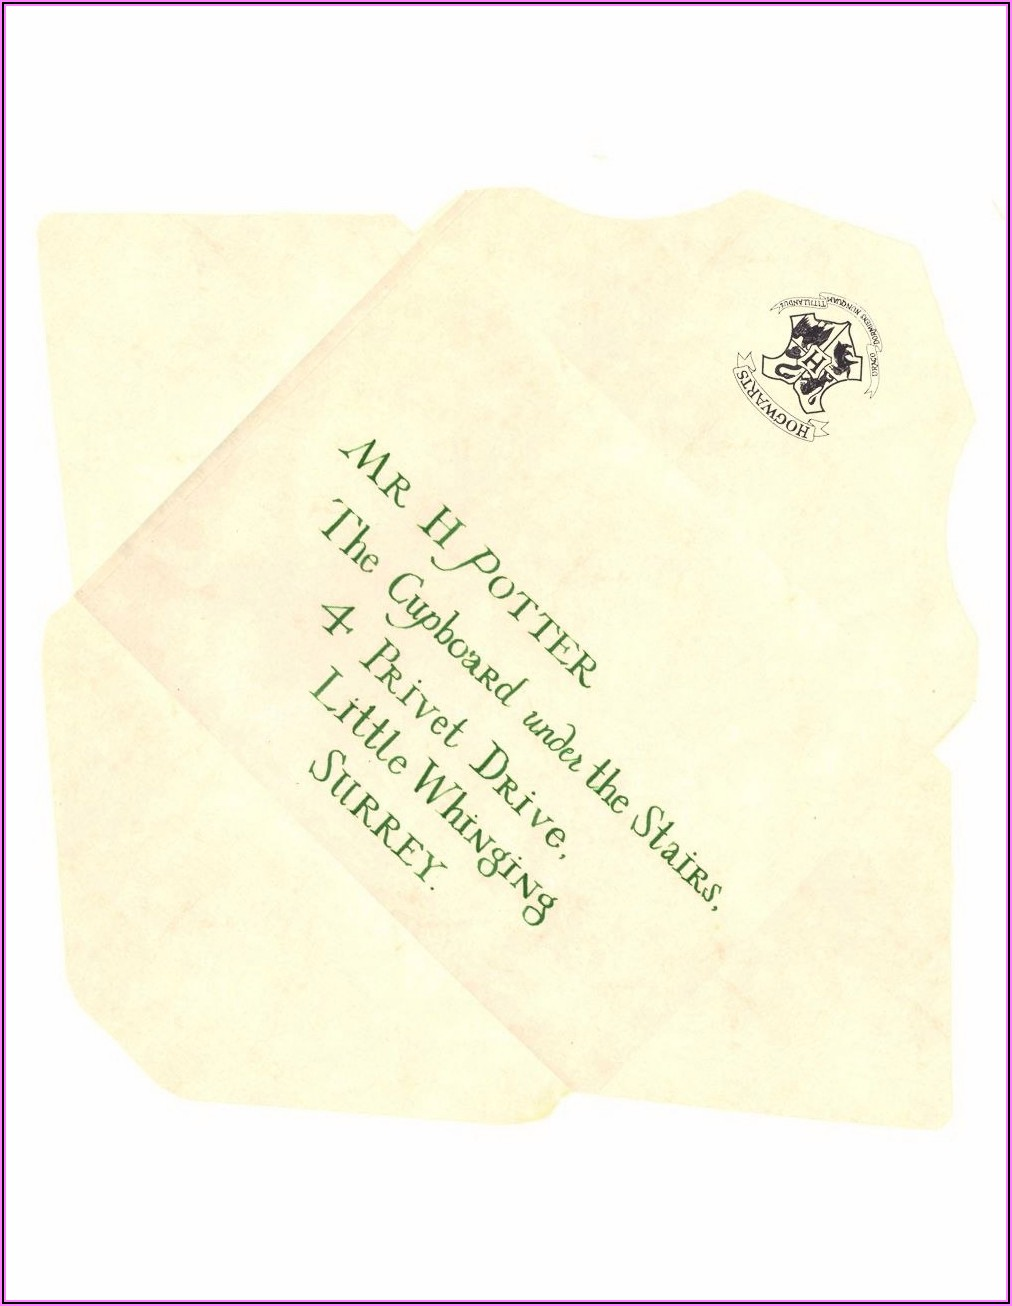 Harry Potter Hogwarts Letter Envelope